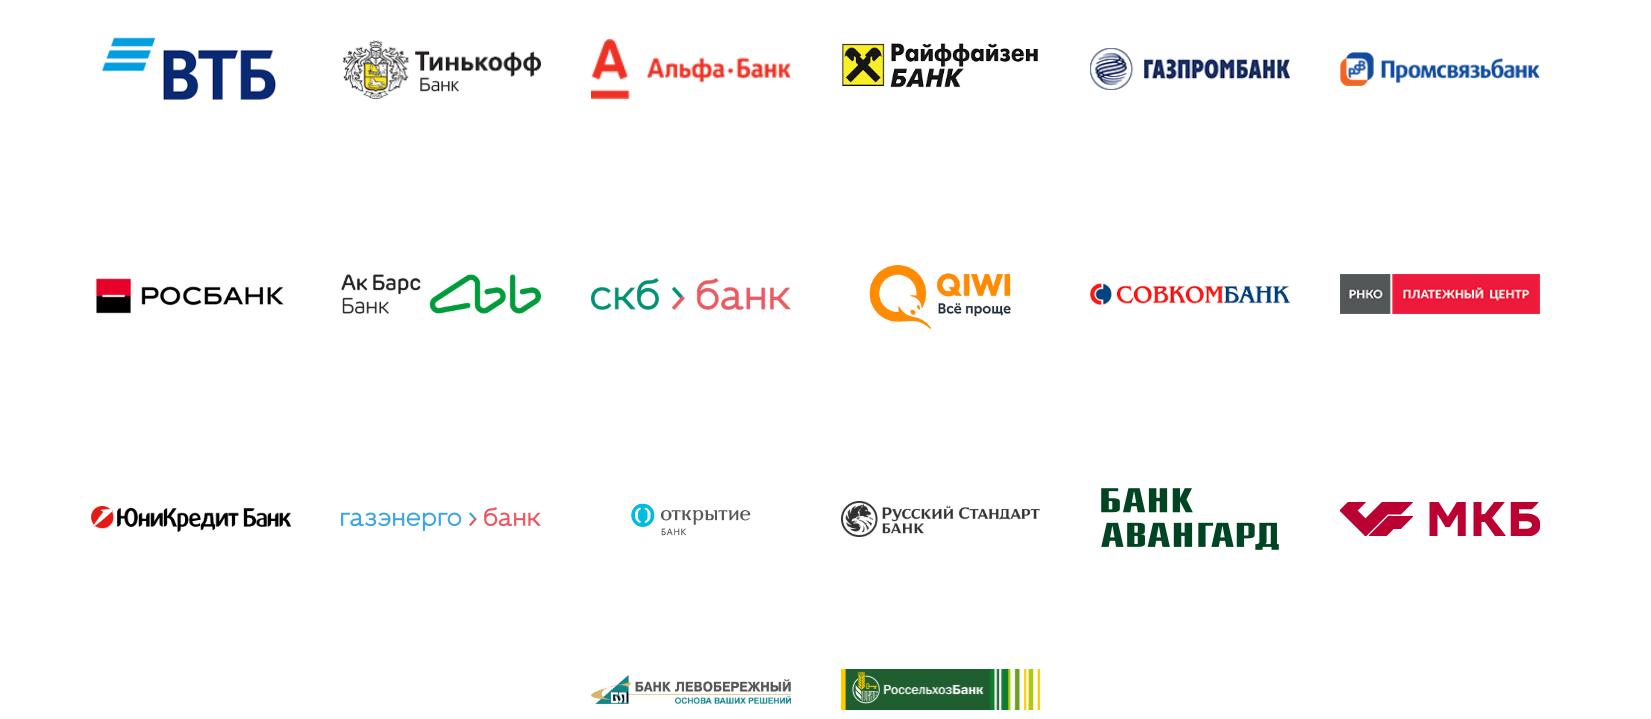 Банки отложили ввод комиссий в системе быстрых платежей Центробанка